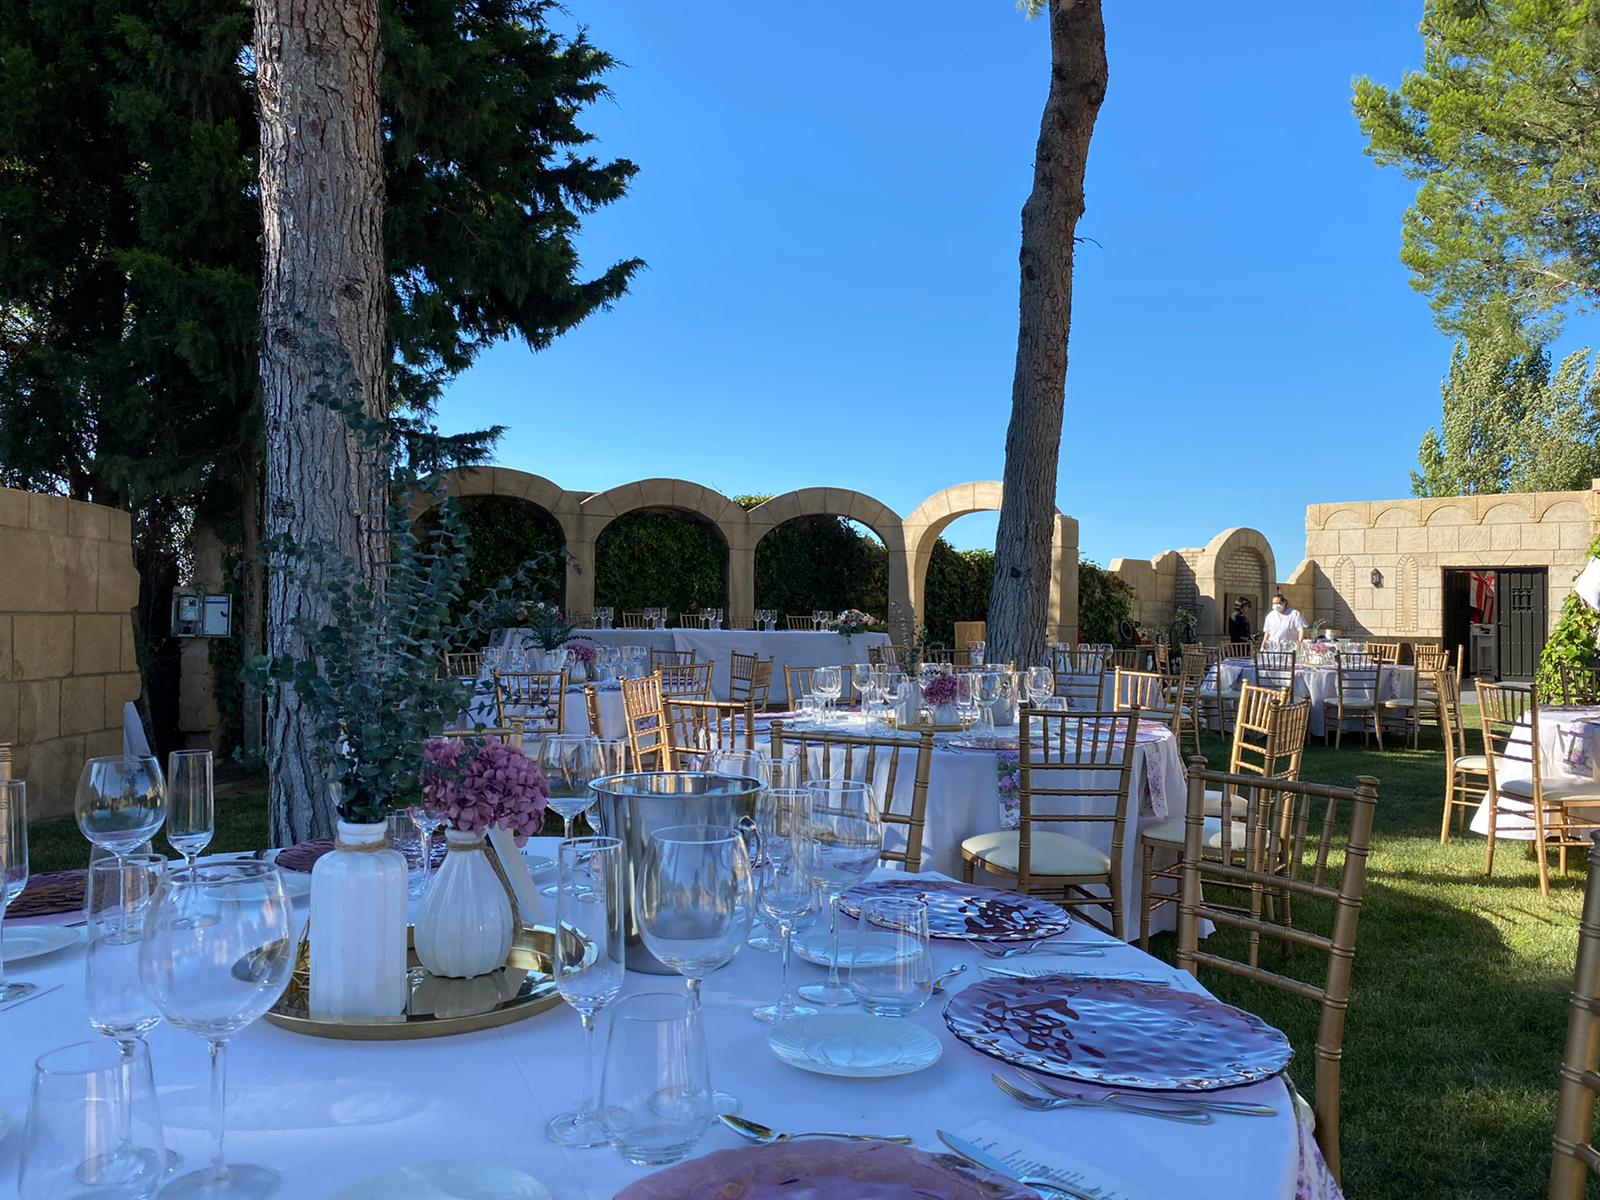 Boda y banquete al aire libre-2_Tu boda en Castillo Bonavia